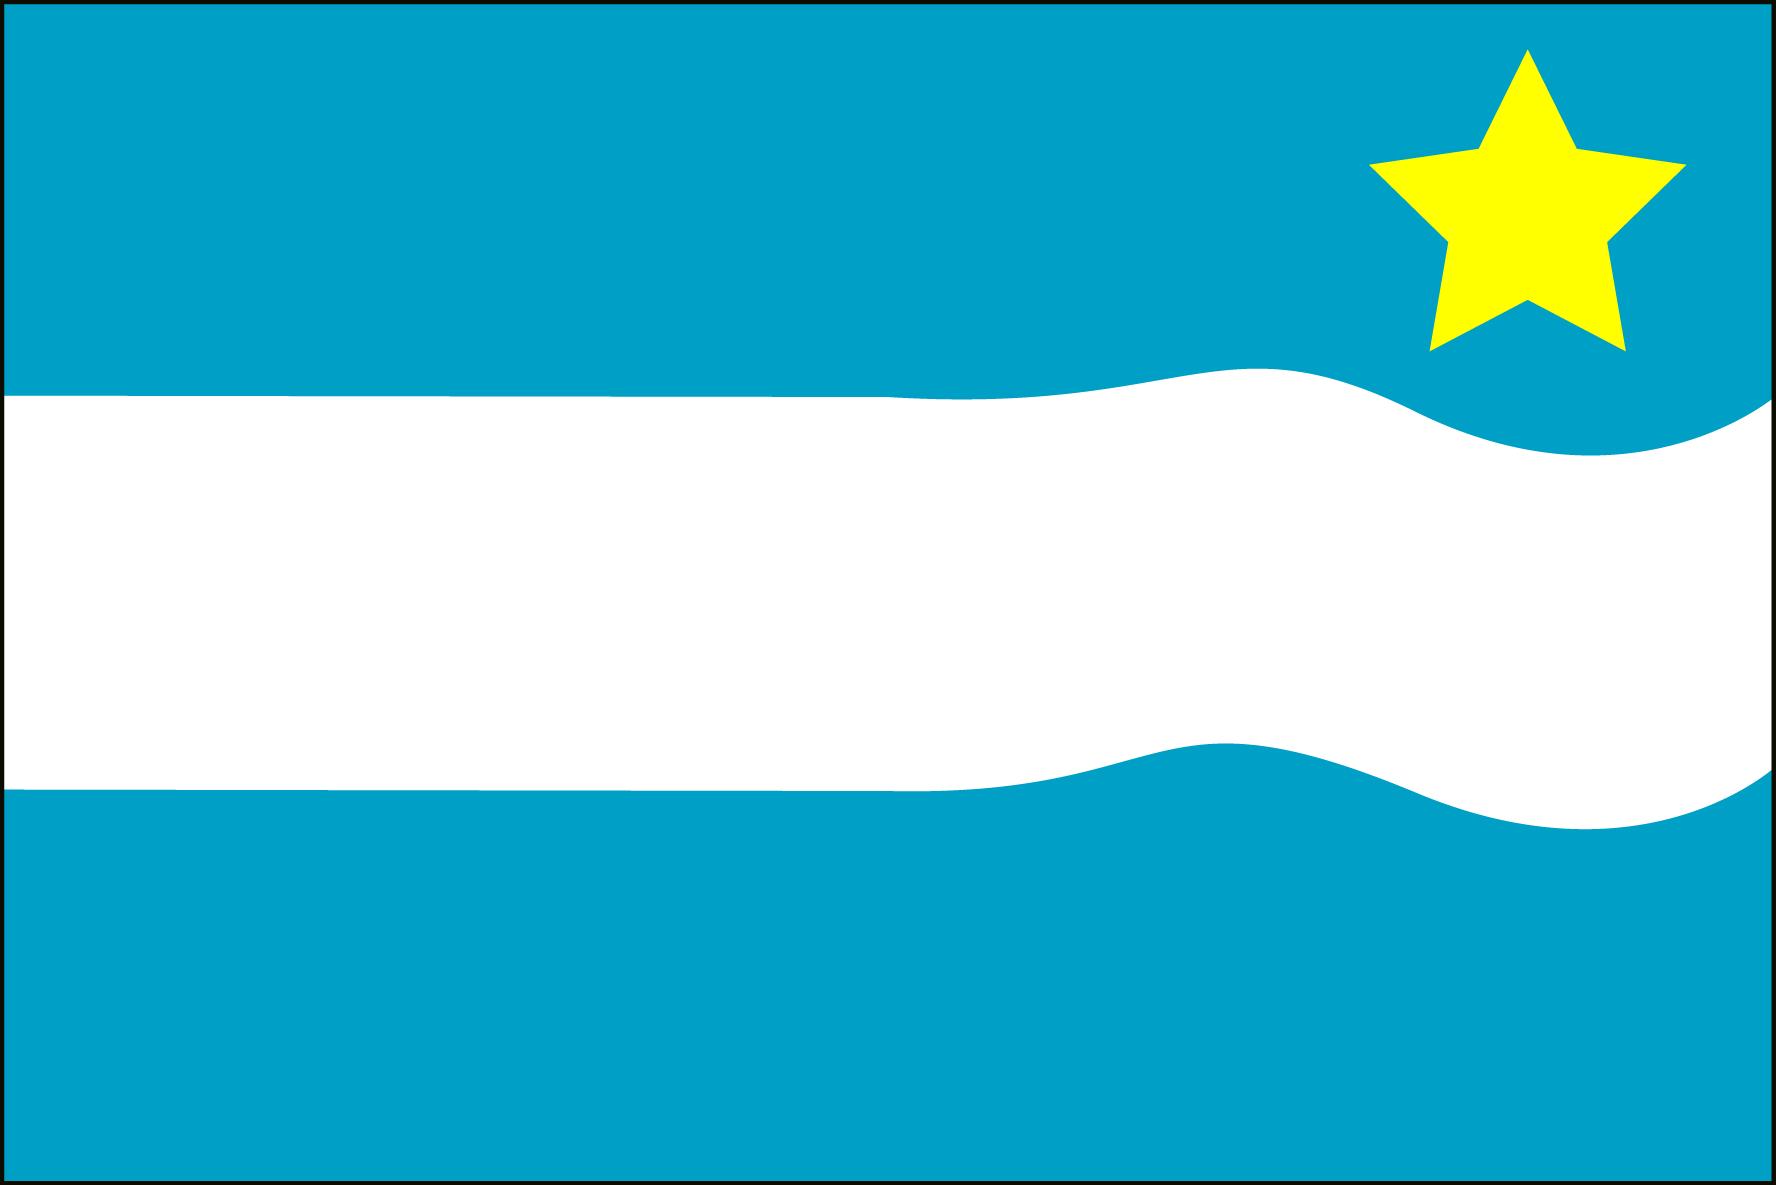 29640 C Digo Postal De Fuengirola Bandera Vivar Malaga El Viso